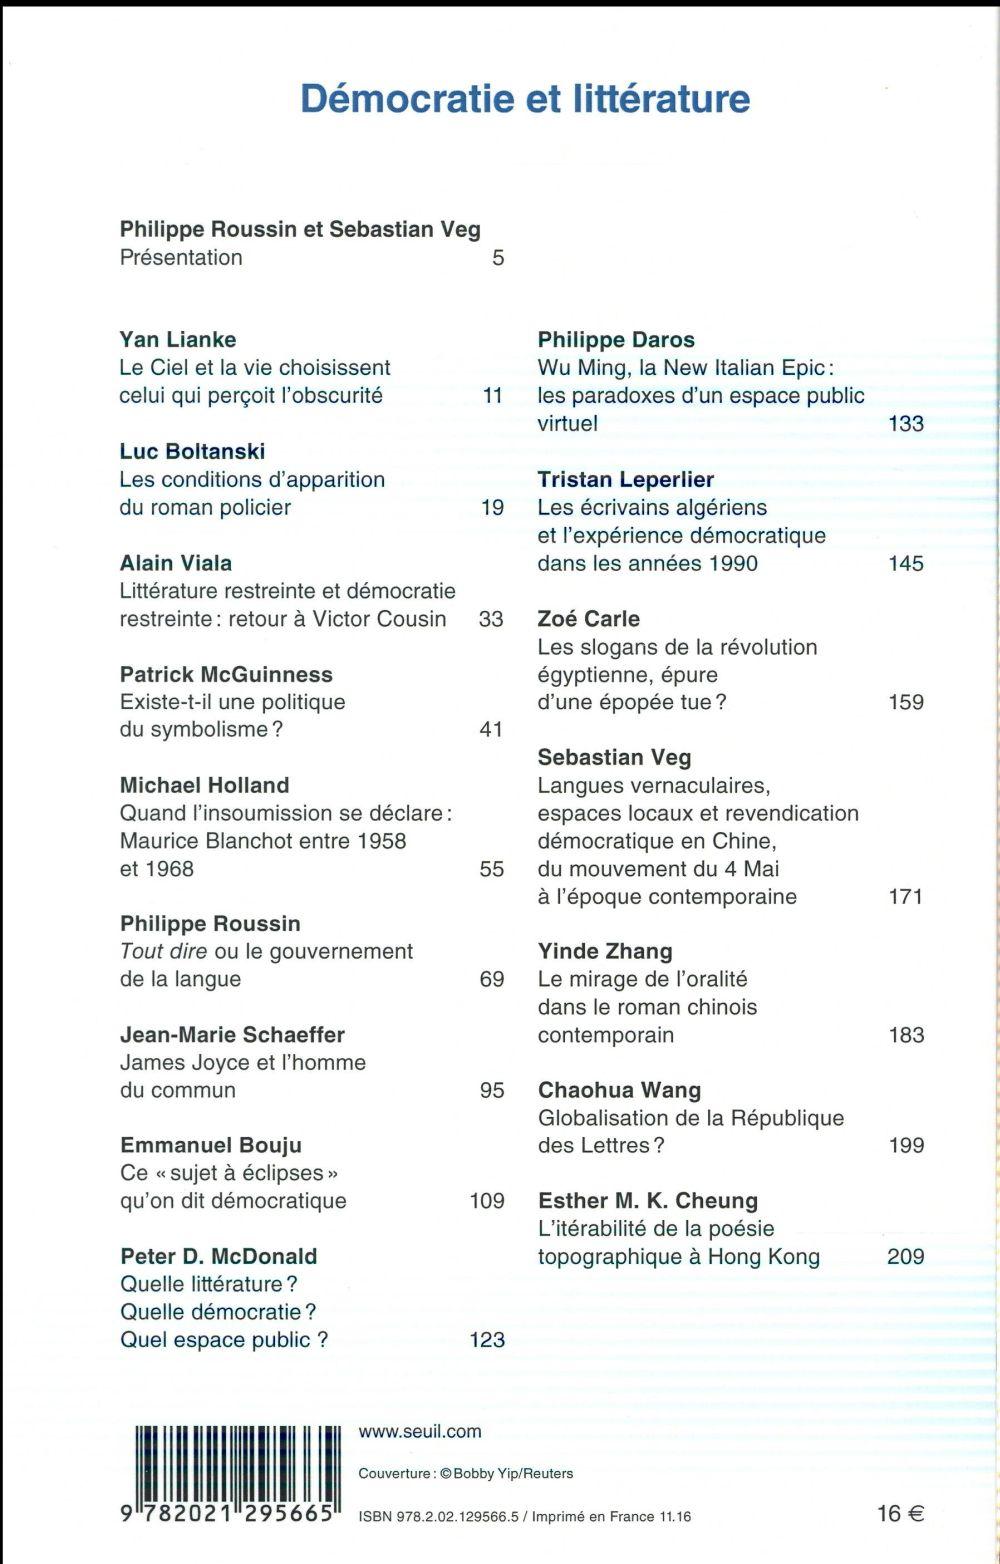 REVUE COMMUNICATIONS n.99 ; démocratie et littérature ; expériences quotidiennes, espaces publics, régimes politiques